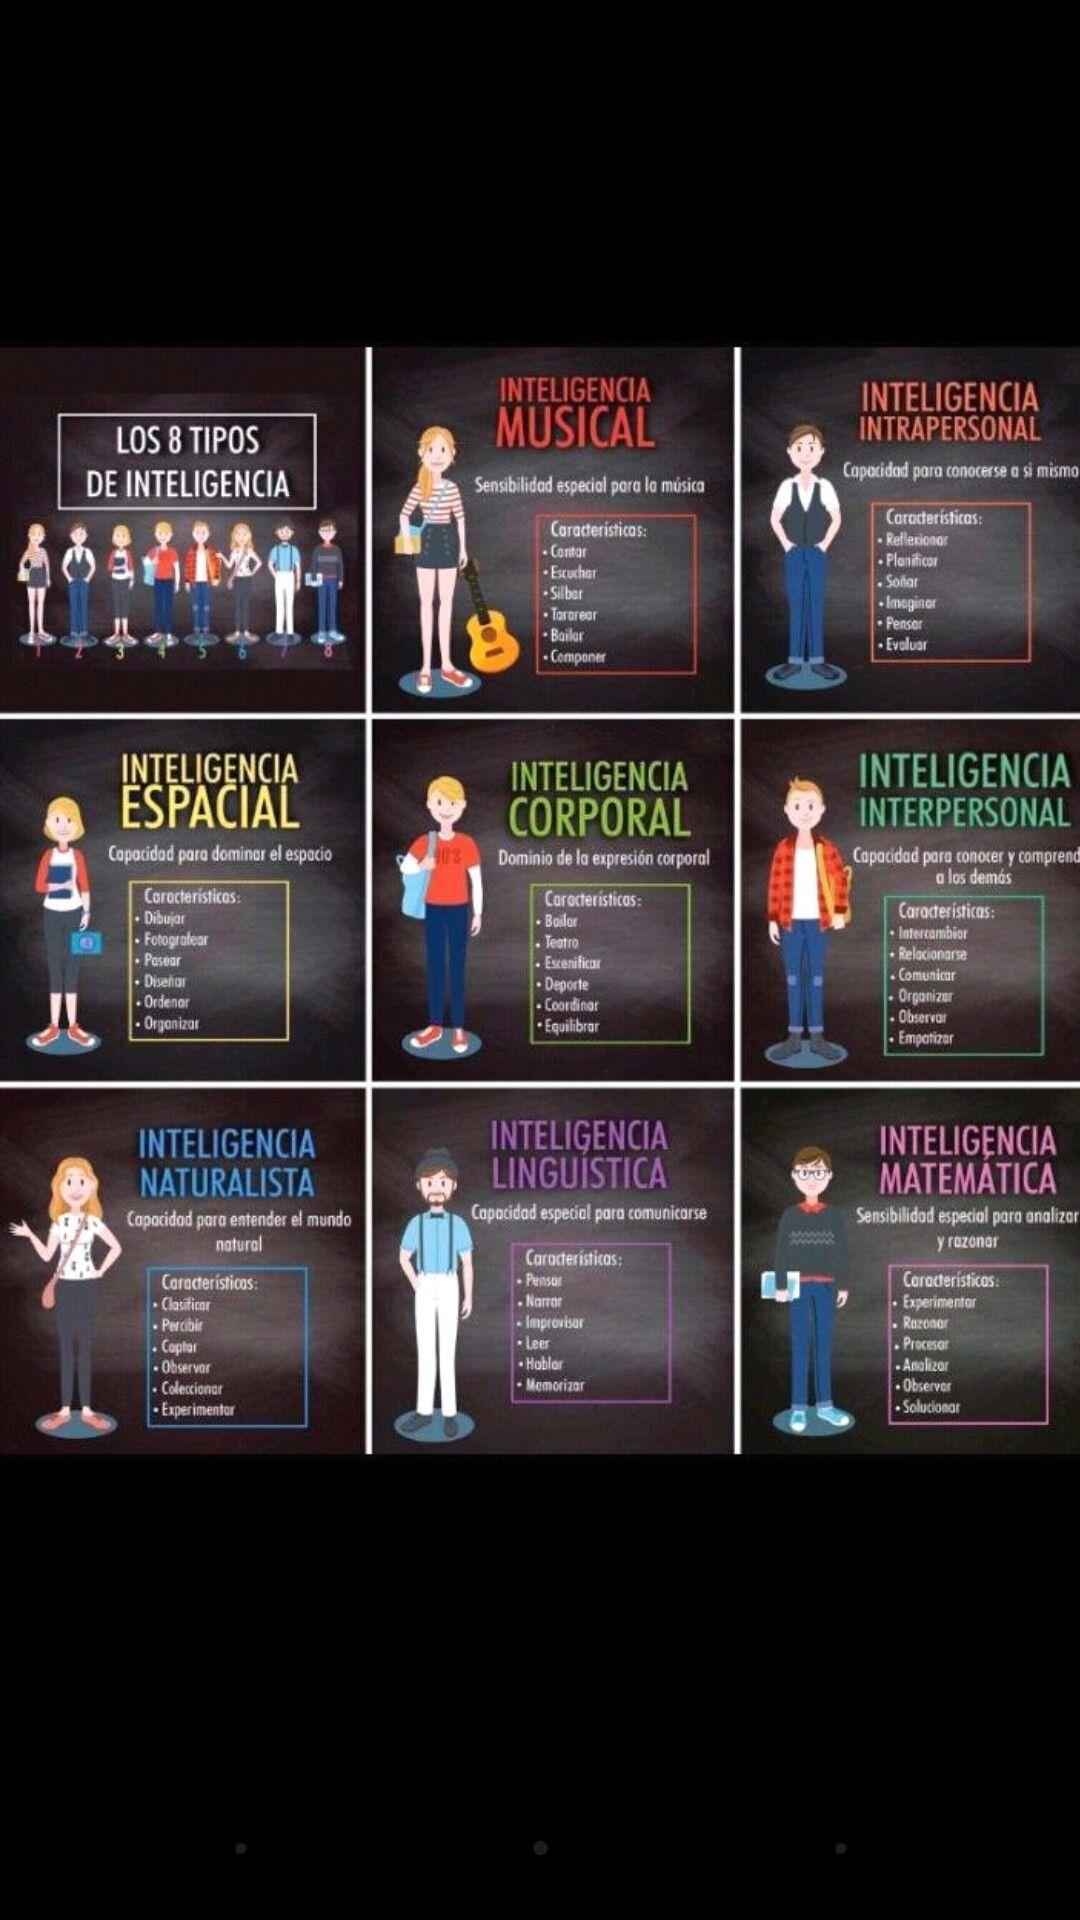 Los 8 Tipos De Inteligencia Ser Docente Inteligencia Linguistica Proceso De Enseñanza